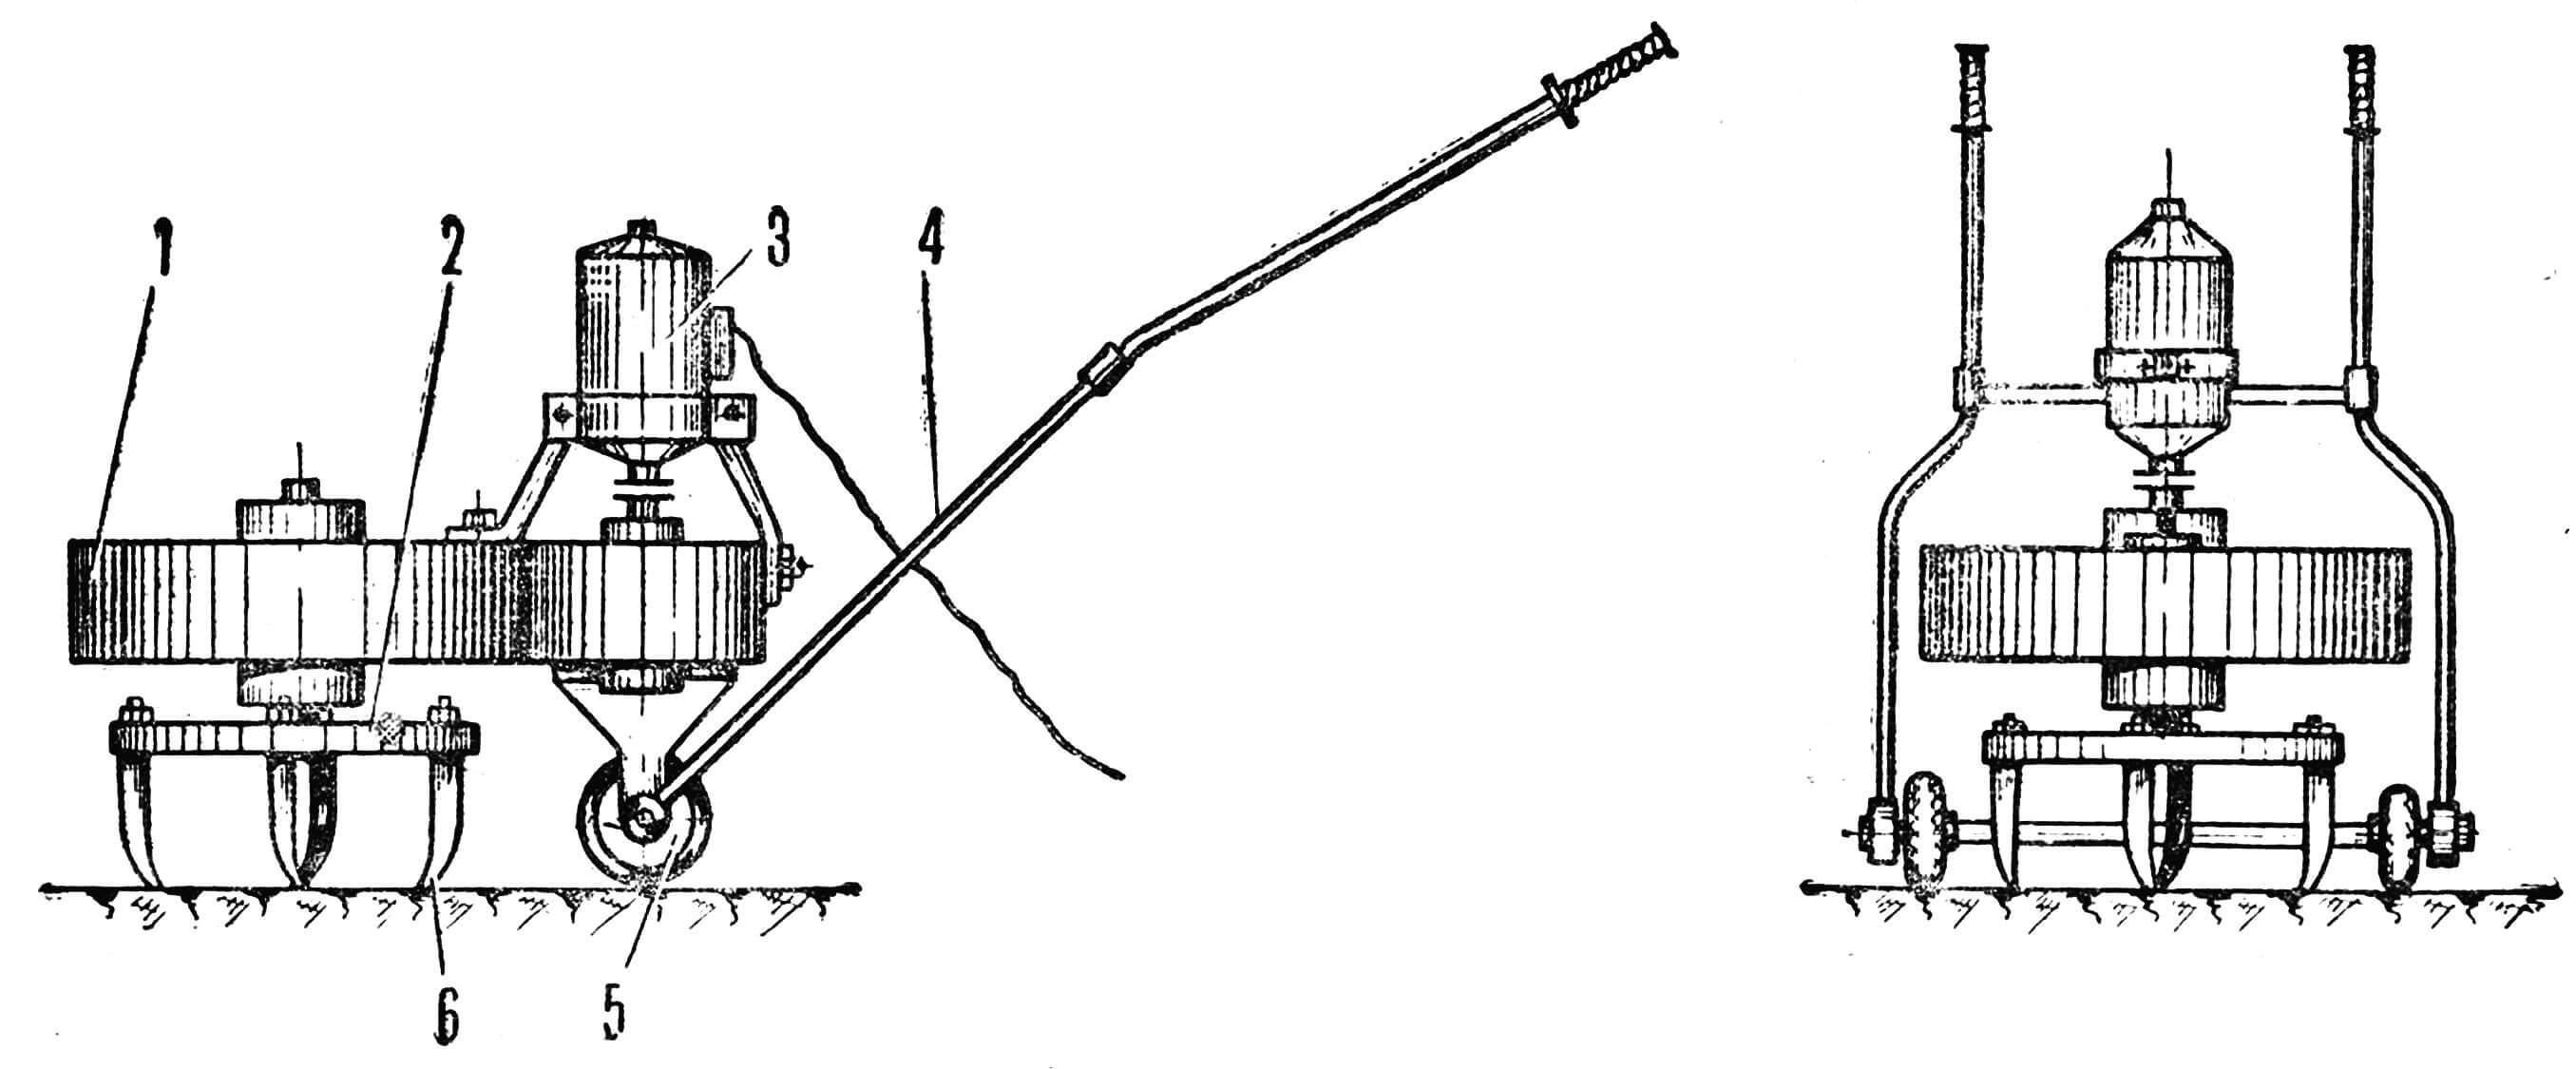 КУЛЬТИРис. 1. Электрорыхлитель: 1 — редуктор, 2 — диск, 3 — электродвигатель, 4 — ручка, 5 — колесо, 6 — рабочий орган.ВАТОР ХОДИТ САМ